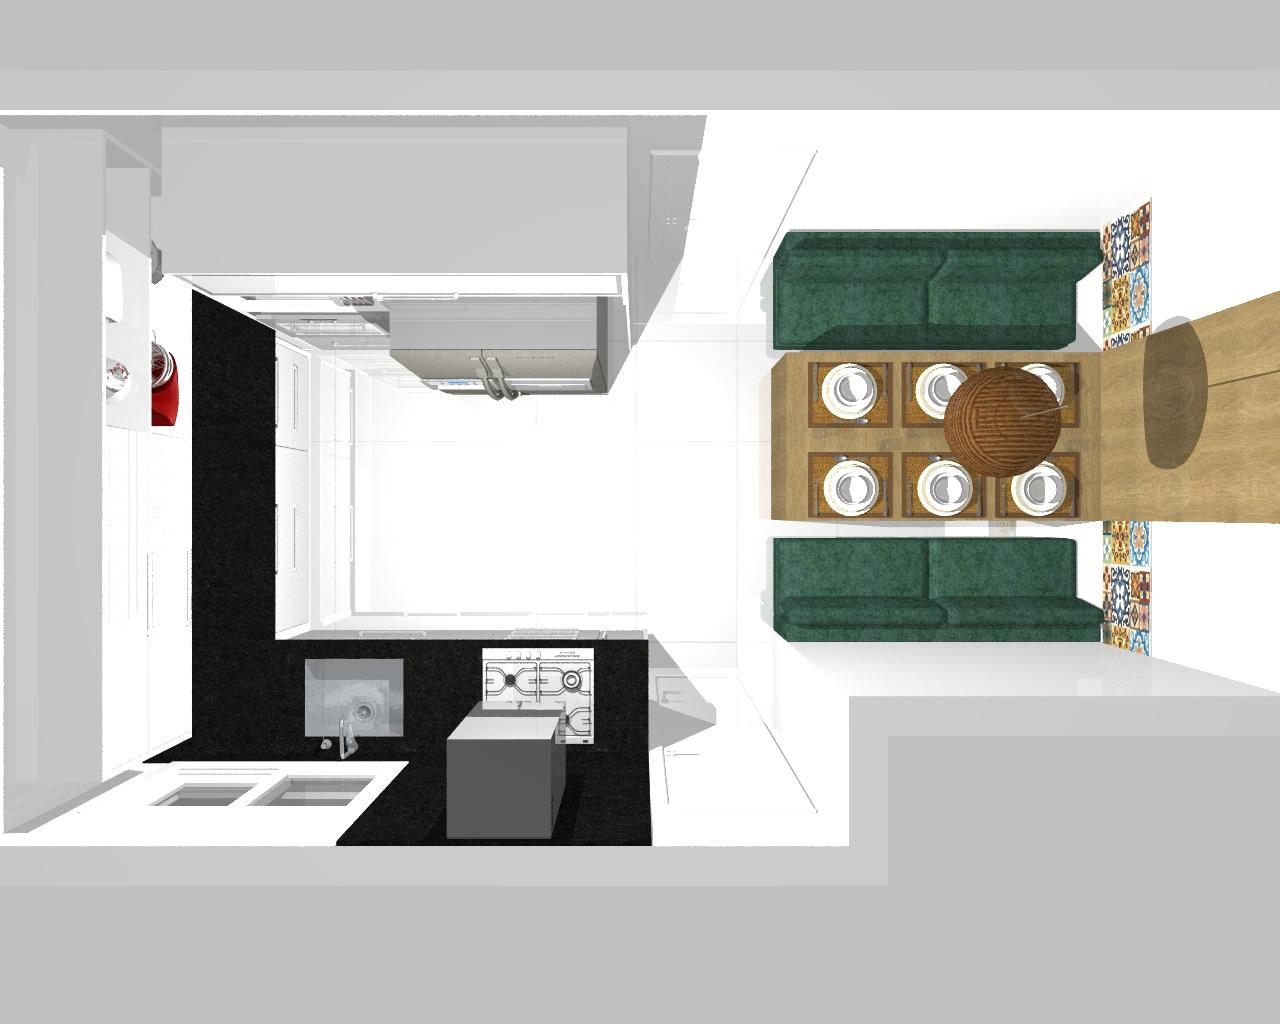 Carolina Lira Design de Interiores: COZINHA #6C4628 1280 1024